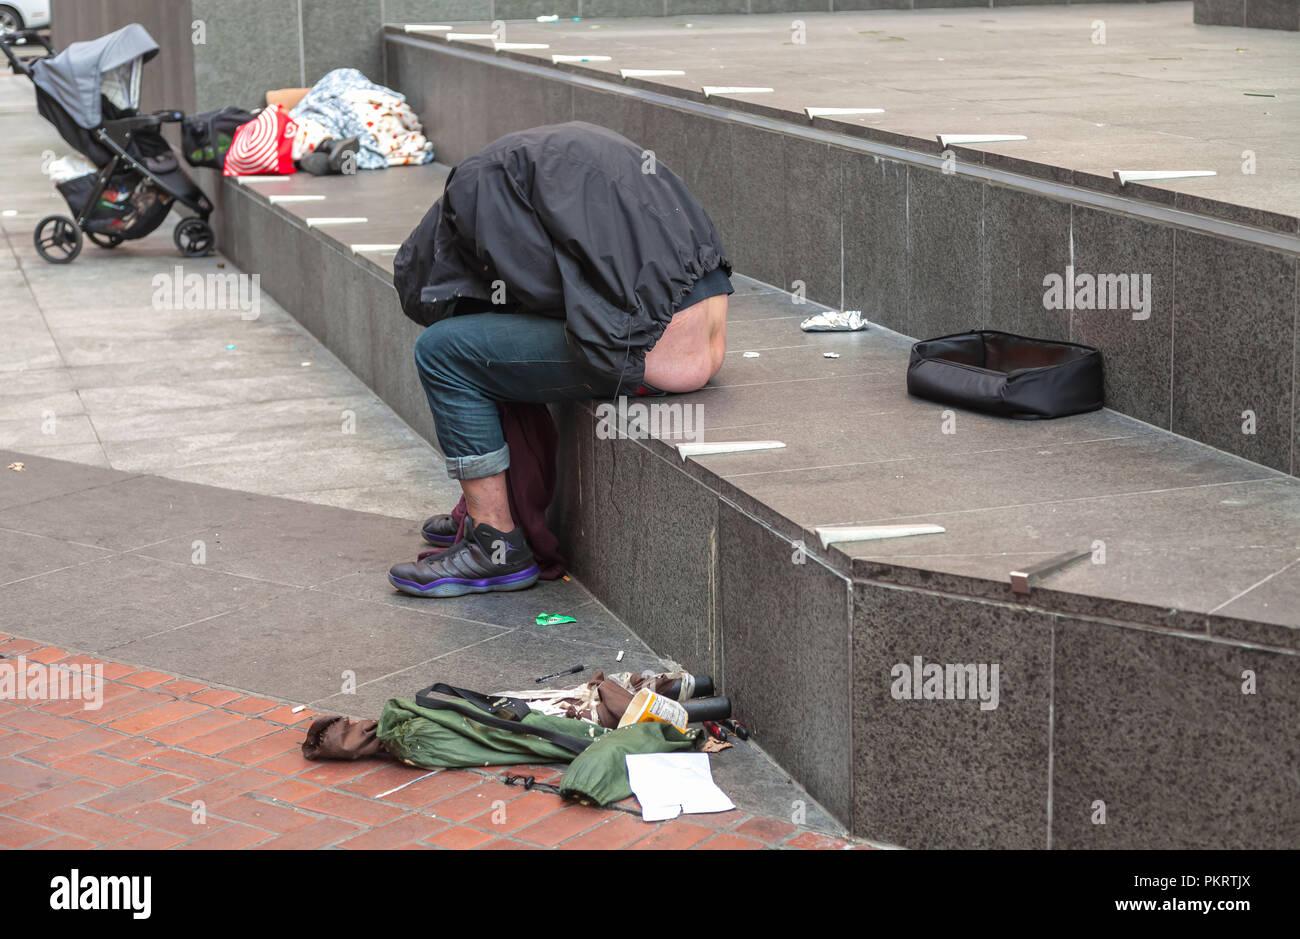 Un senzatetto uomo dorme sul marciapiede di strada a San Francisco, California, Stati Uniti. Immagini Stock